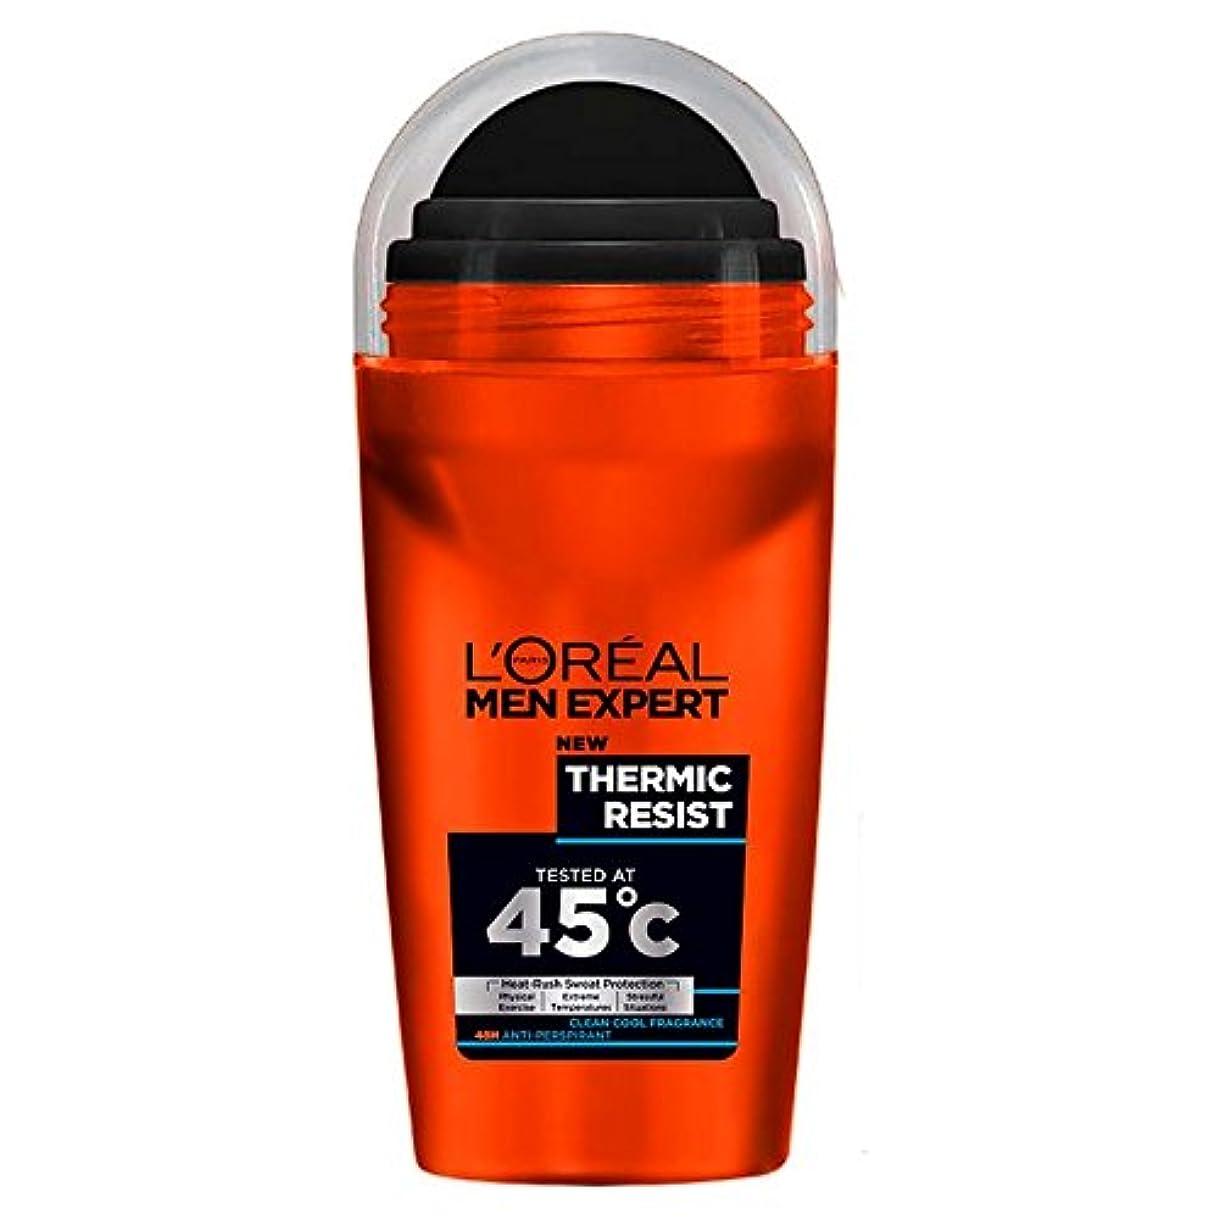 粘性の面積違法L'Oreal Paris Men Expert Deodorant Roll-On - Thermic Resist (50ml) L'オラ?アルパリのメンズ専門デオドラントロールオン - サーミックにレジスト( 50...